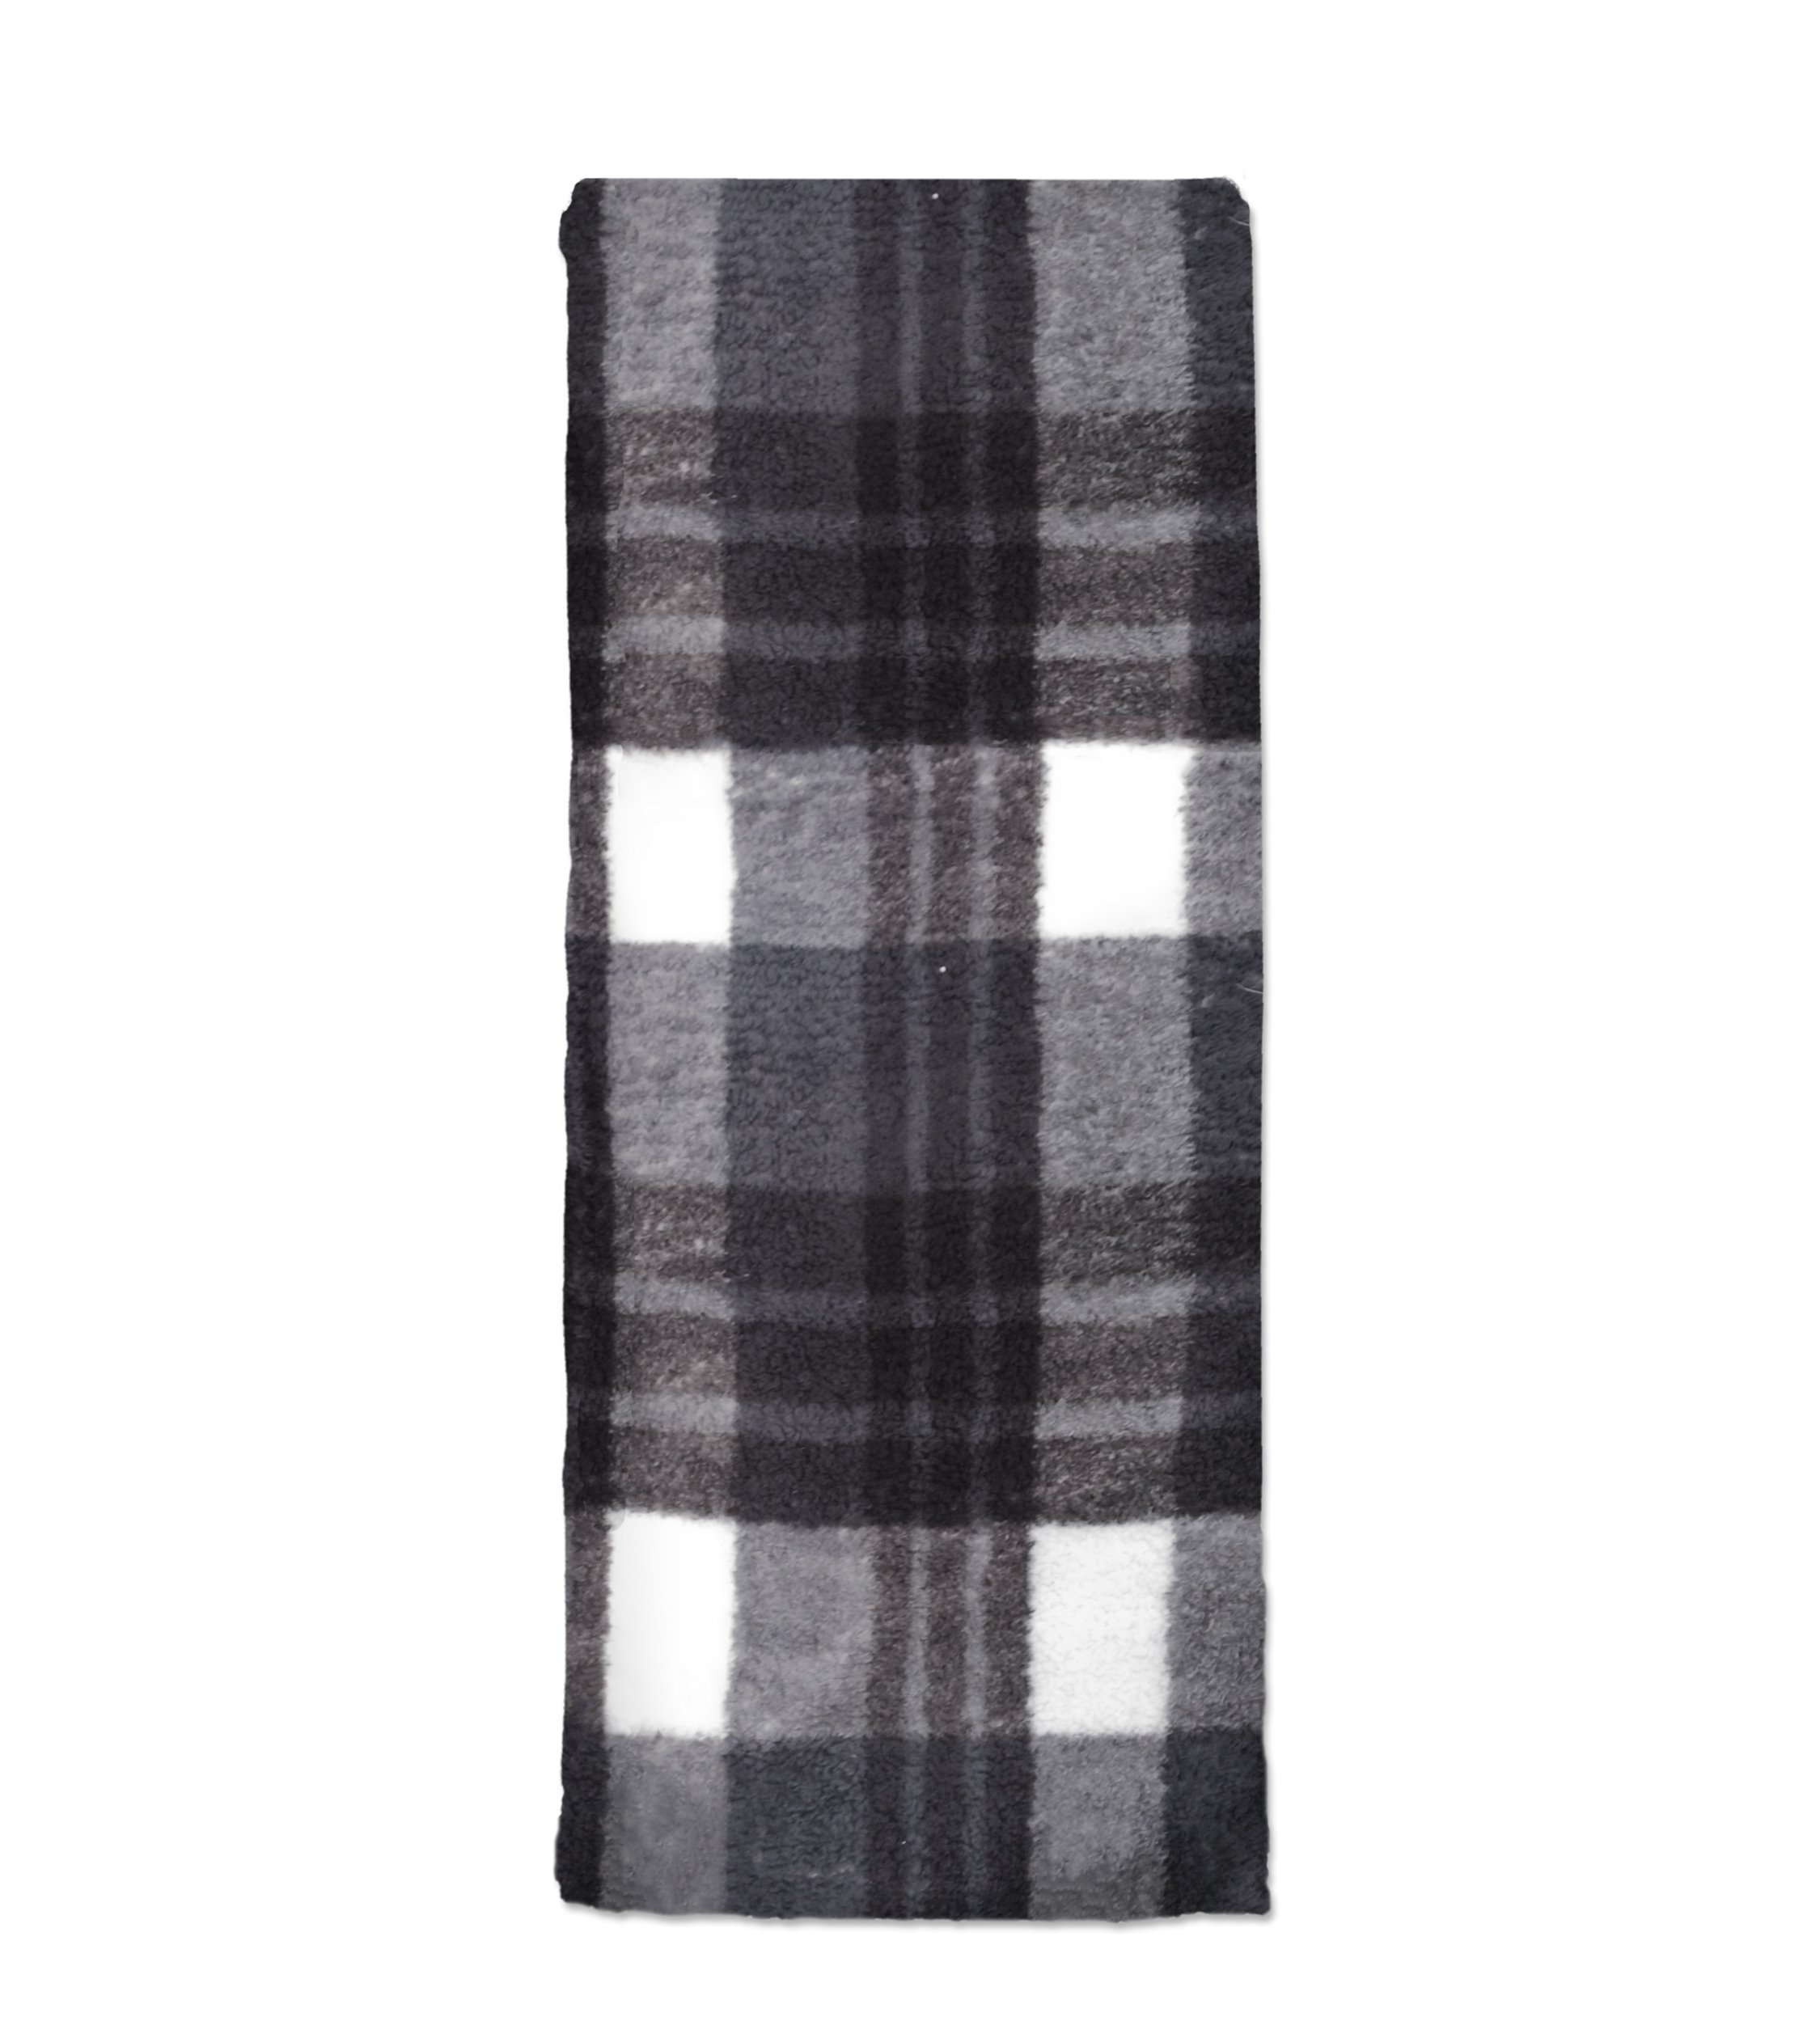 Hotel Berber Plaid Throw-Gry, 50x60, Grey